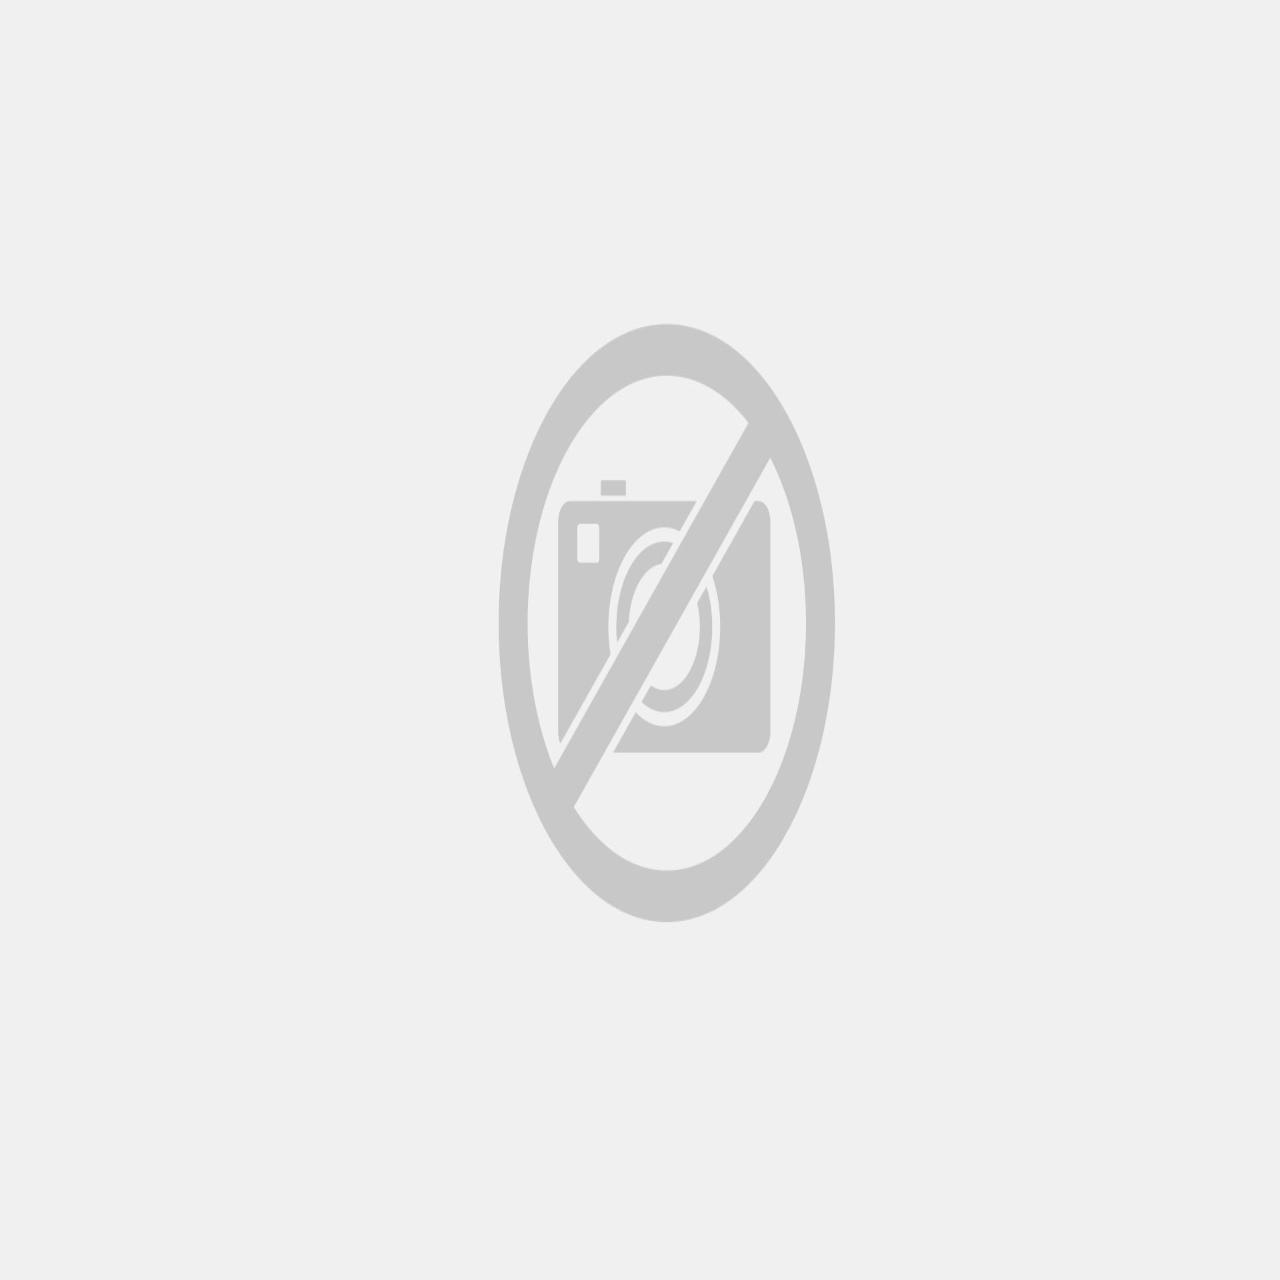 hotel atlantic cove daytona beach at